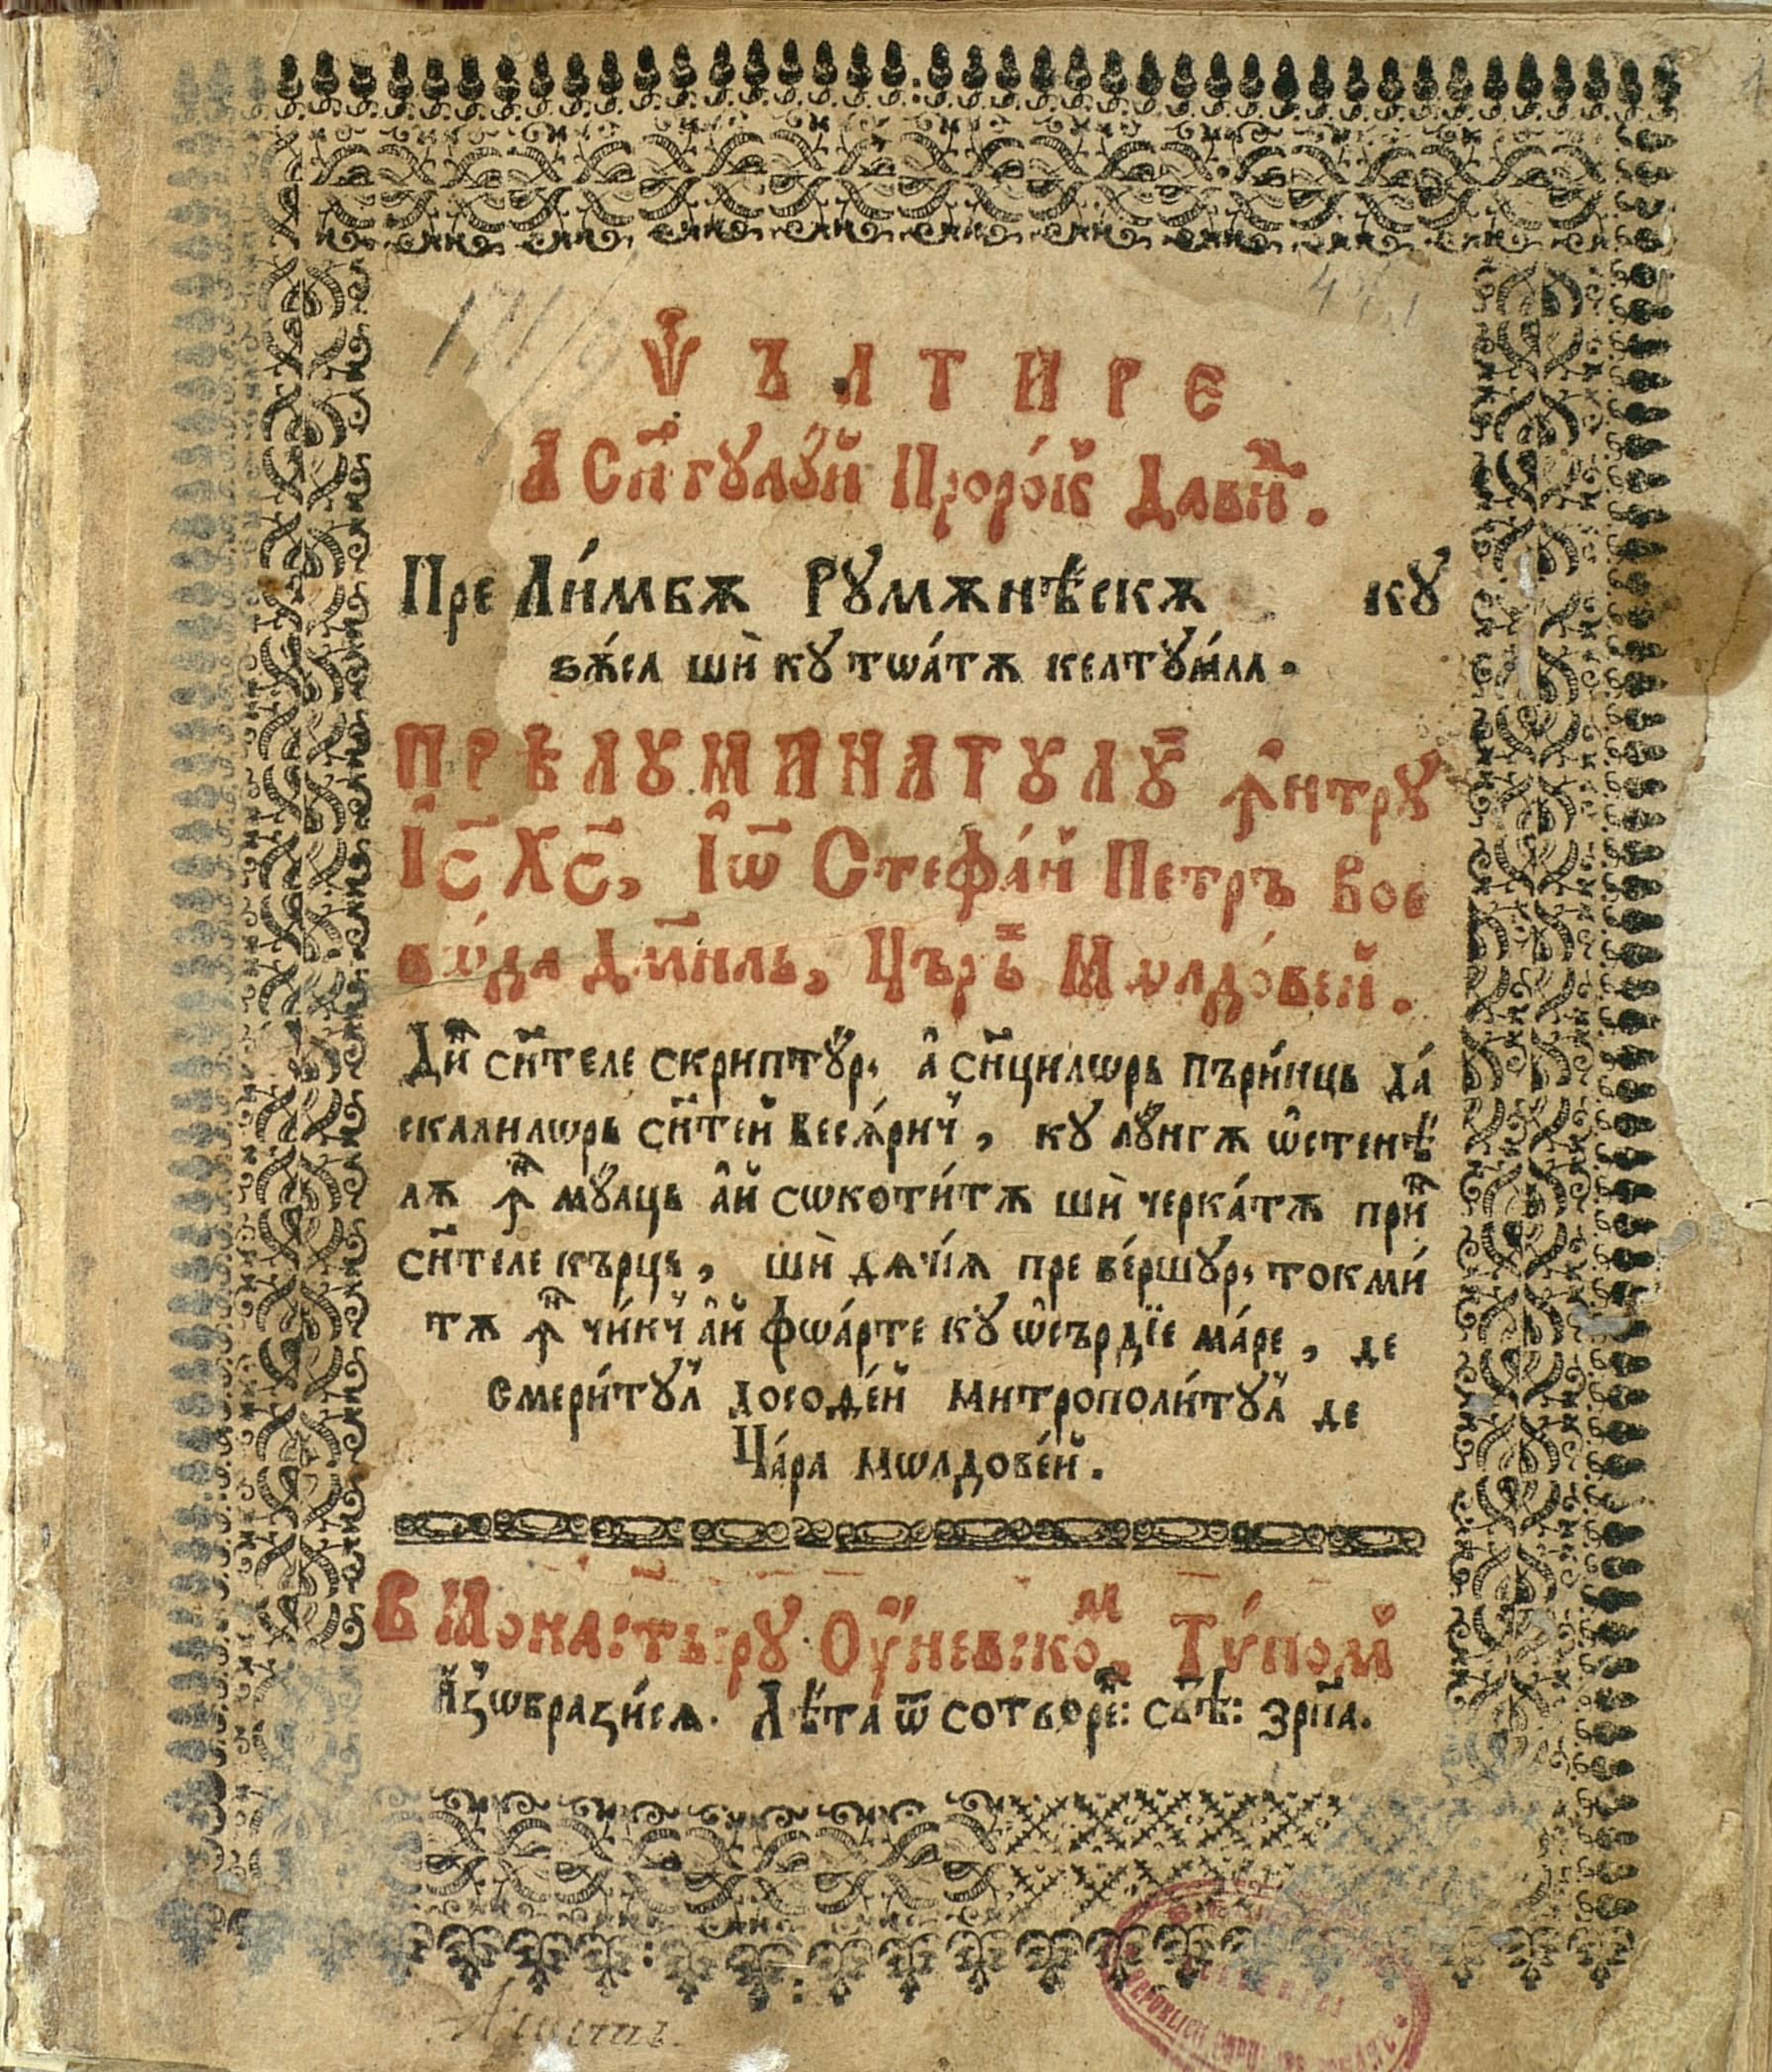 psaltire-a-sfantului-proroc-david-pre-limba-rumaneasca-mitropolitul-dosoftei